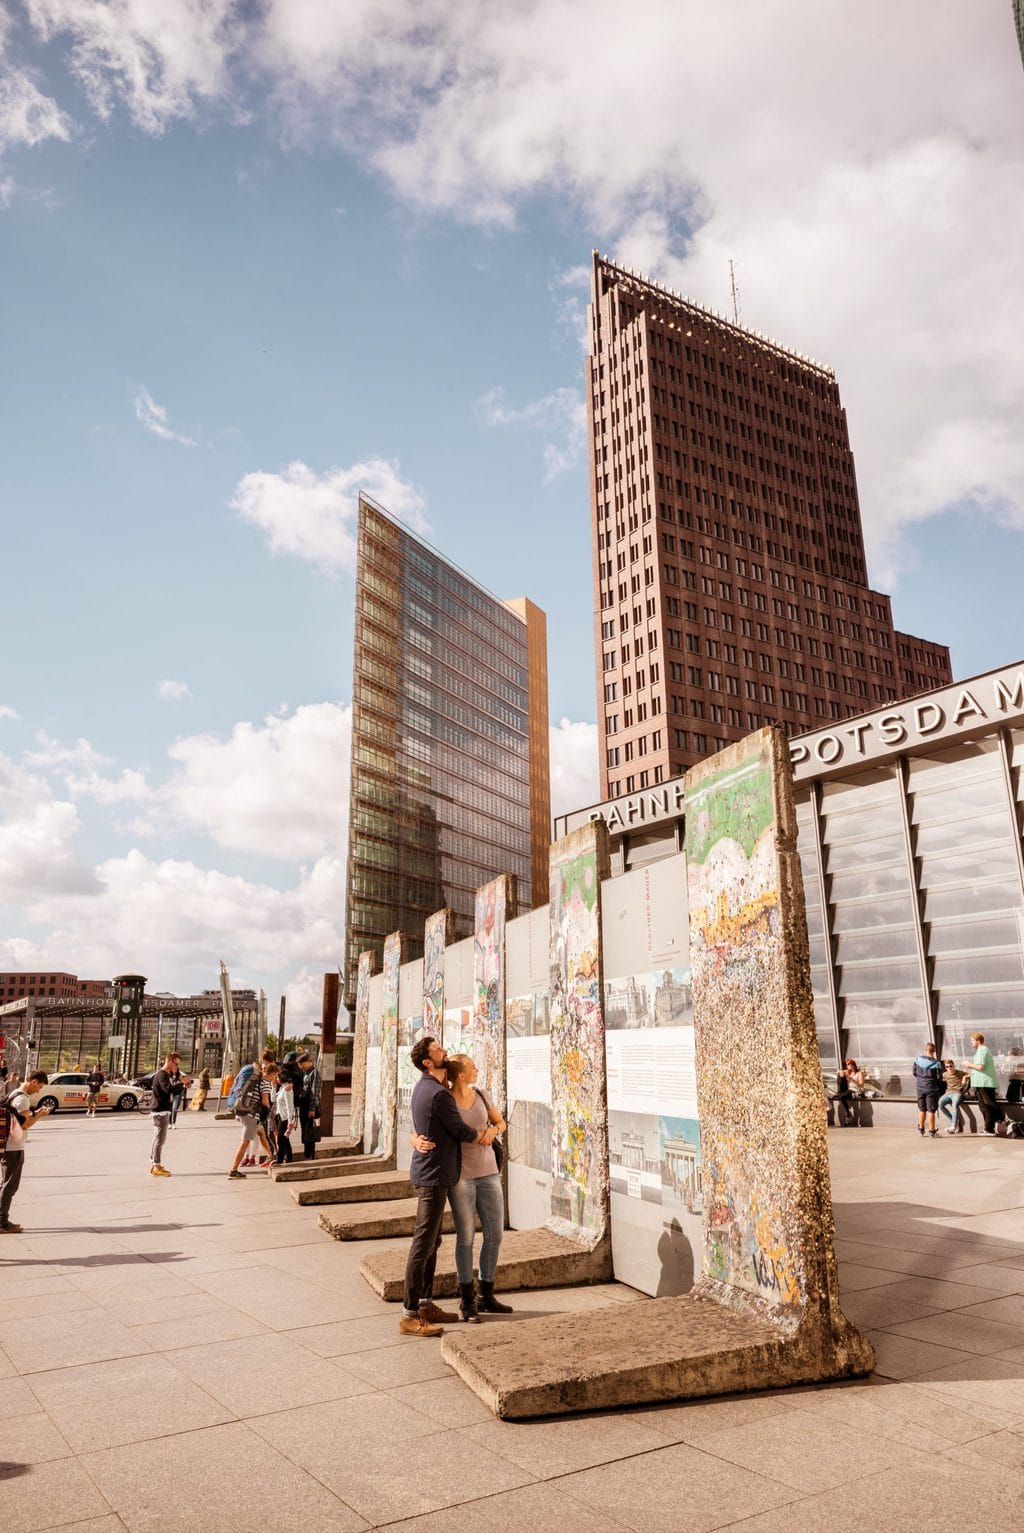 Bezoekers bekijken restanten van de Berlijne muur in de buurt van de Potsdamer Platz